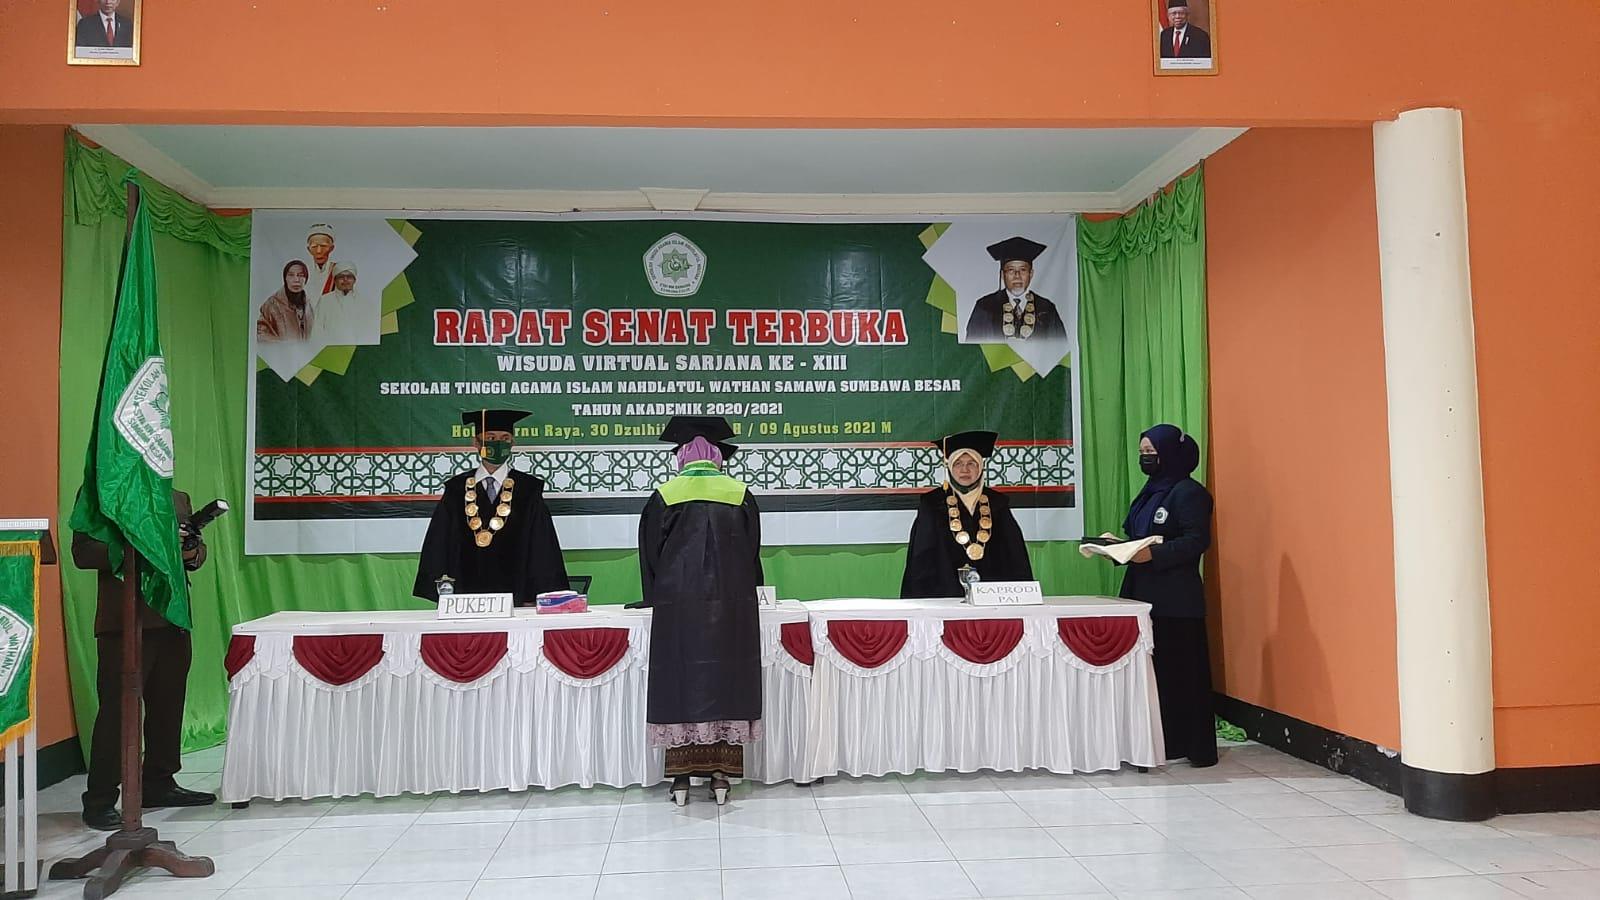 IMG 20210809 WA0014 Kabar Sumbawa